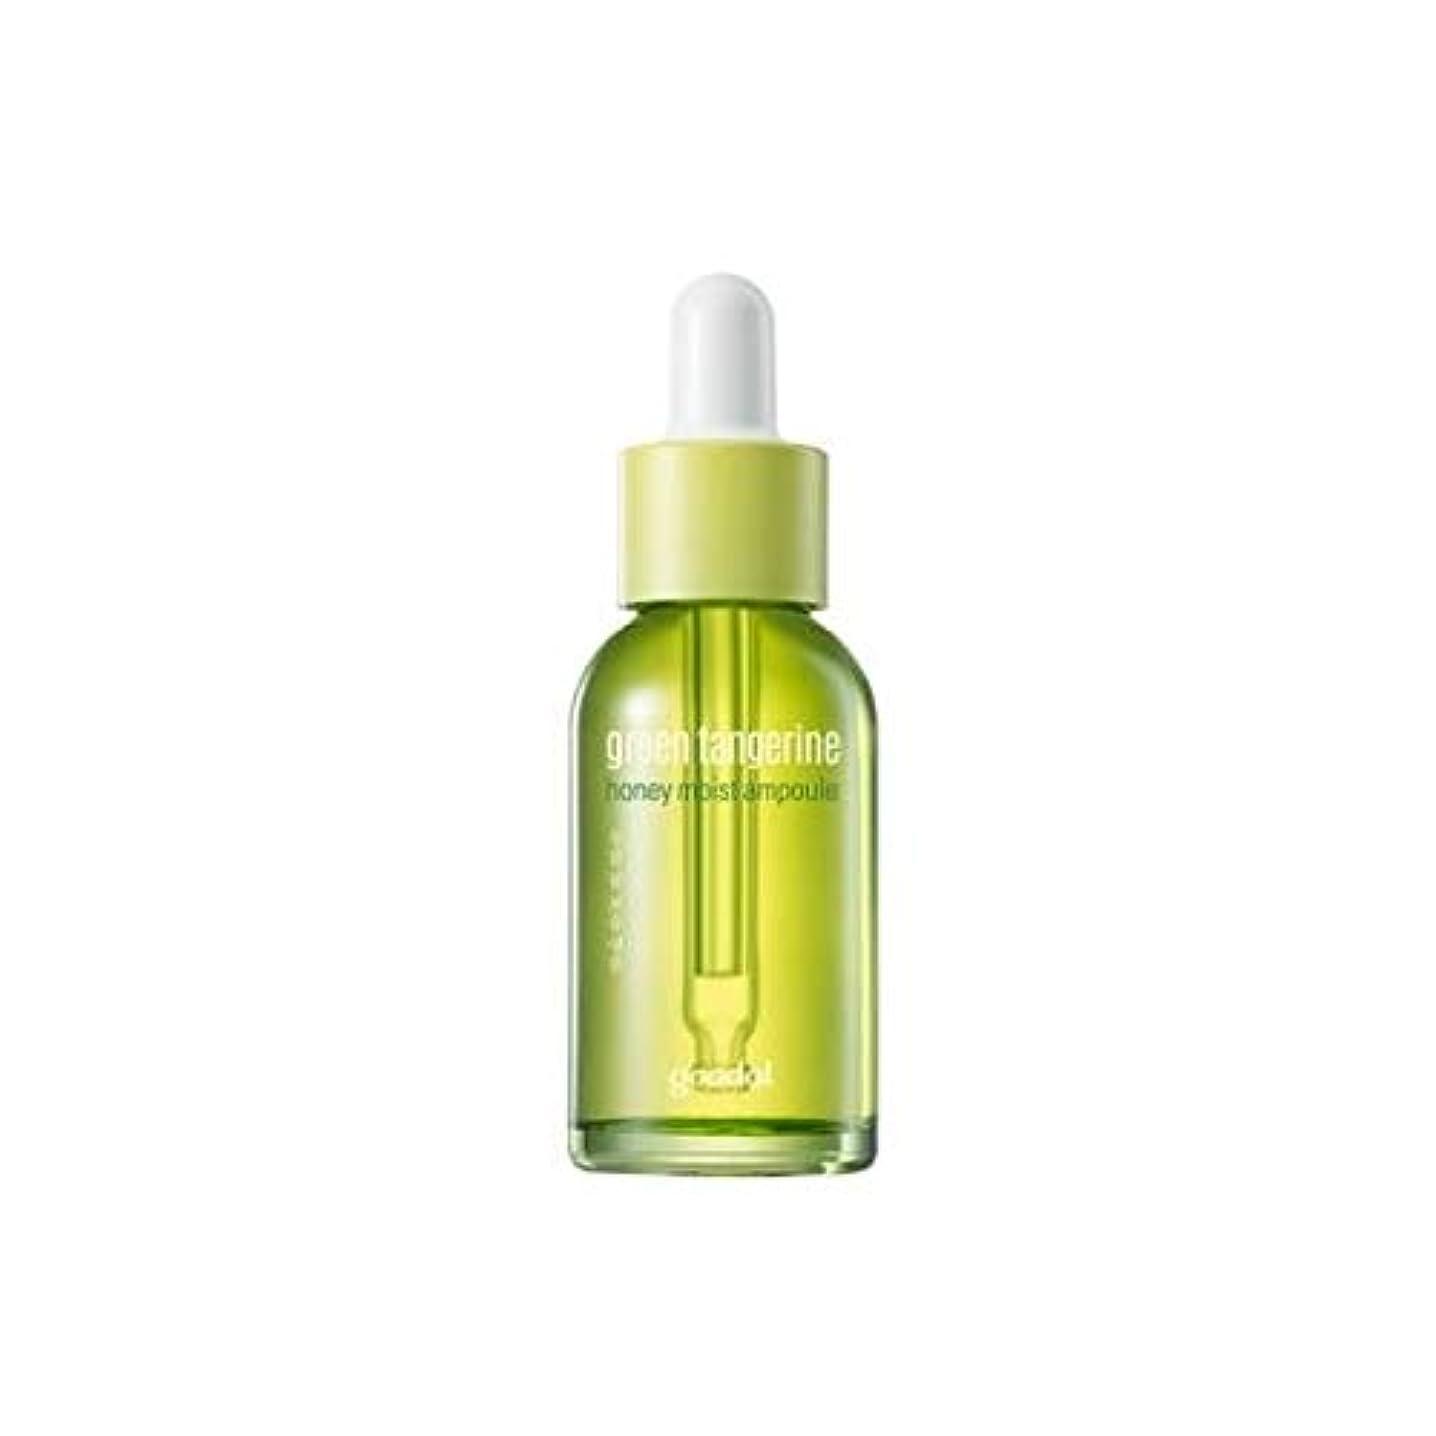 皮視線メールを書くGoodal Green Tangerine Honey Moist Ampule グーダル チョンギュル(青みかん) ハニー モイスト アンプル 30ml [並行輸入品]